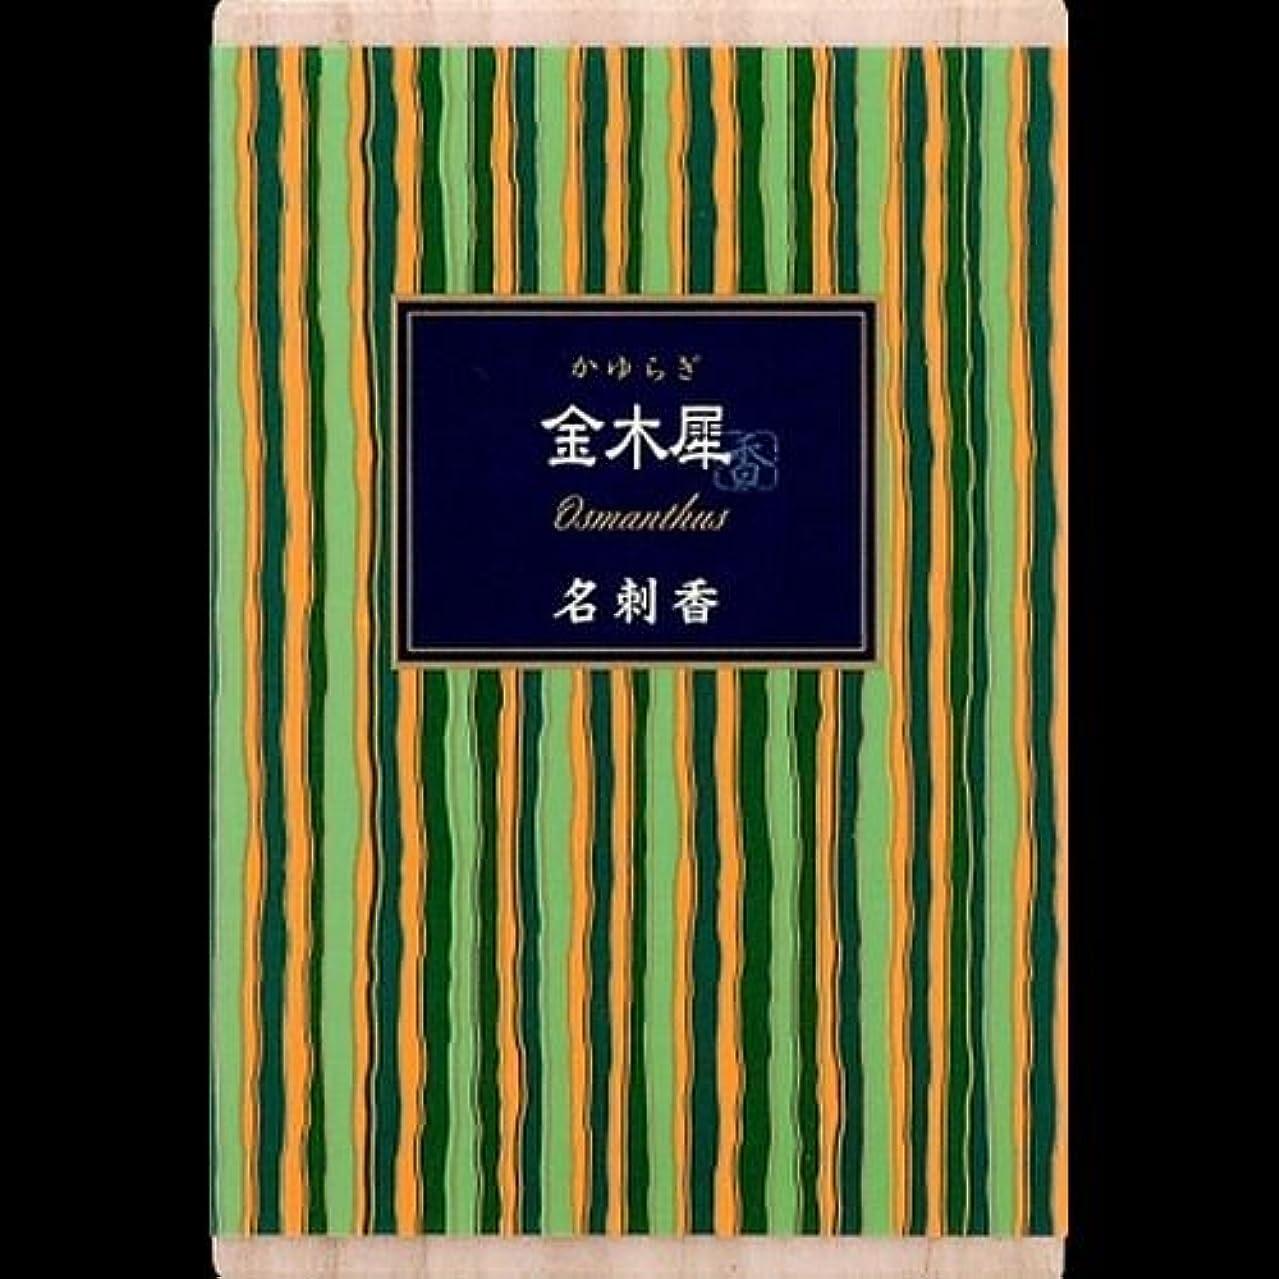 劇的メッシュ見通し【まとめ買い】かゆらぎ 金木犀 名刺香 桐箱 6入 ×2セット